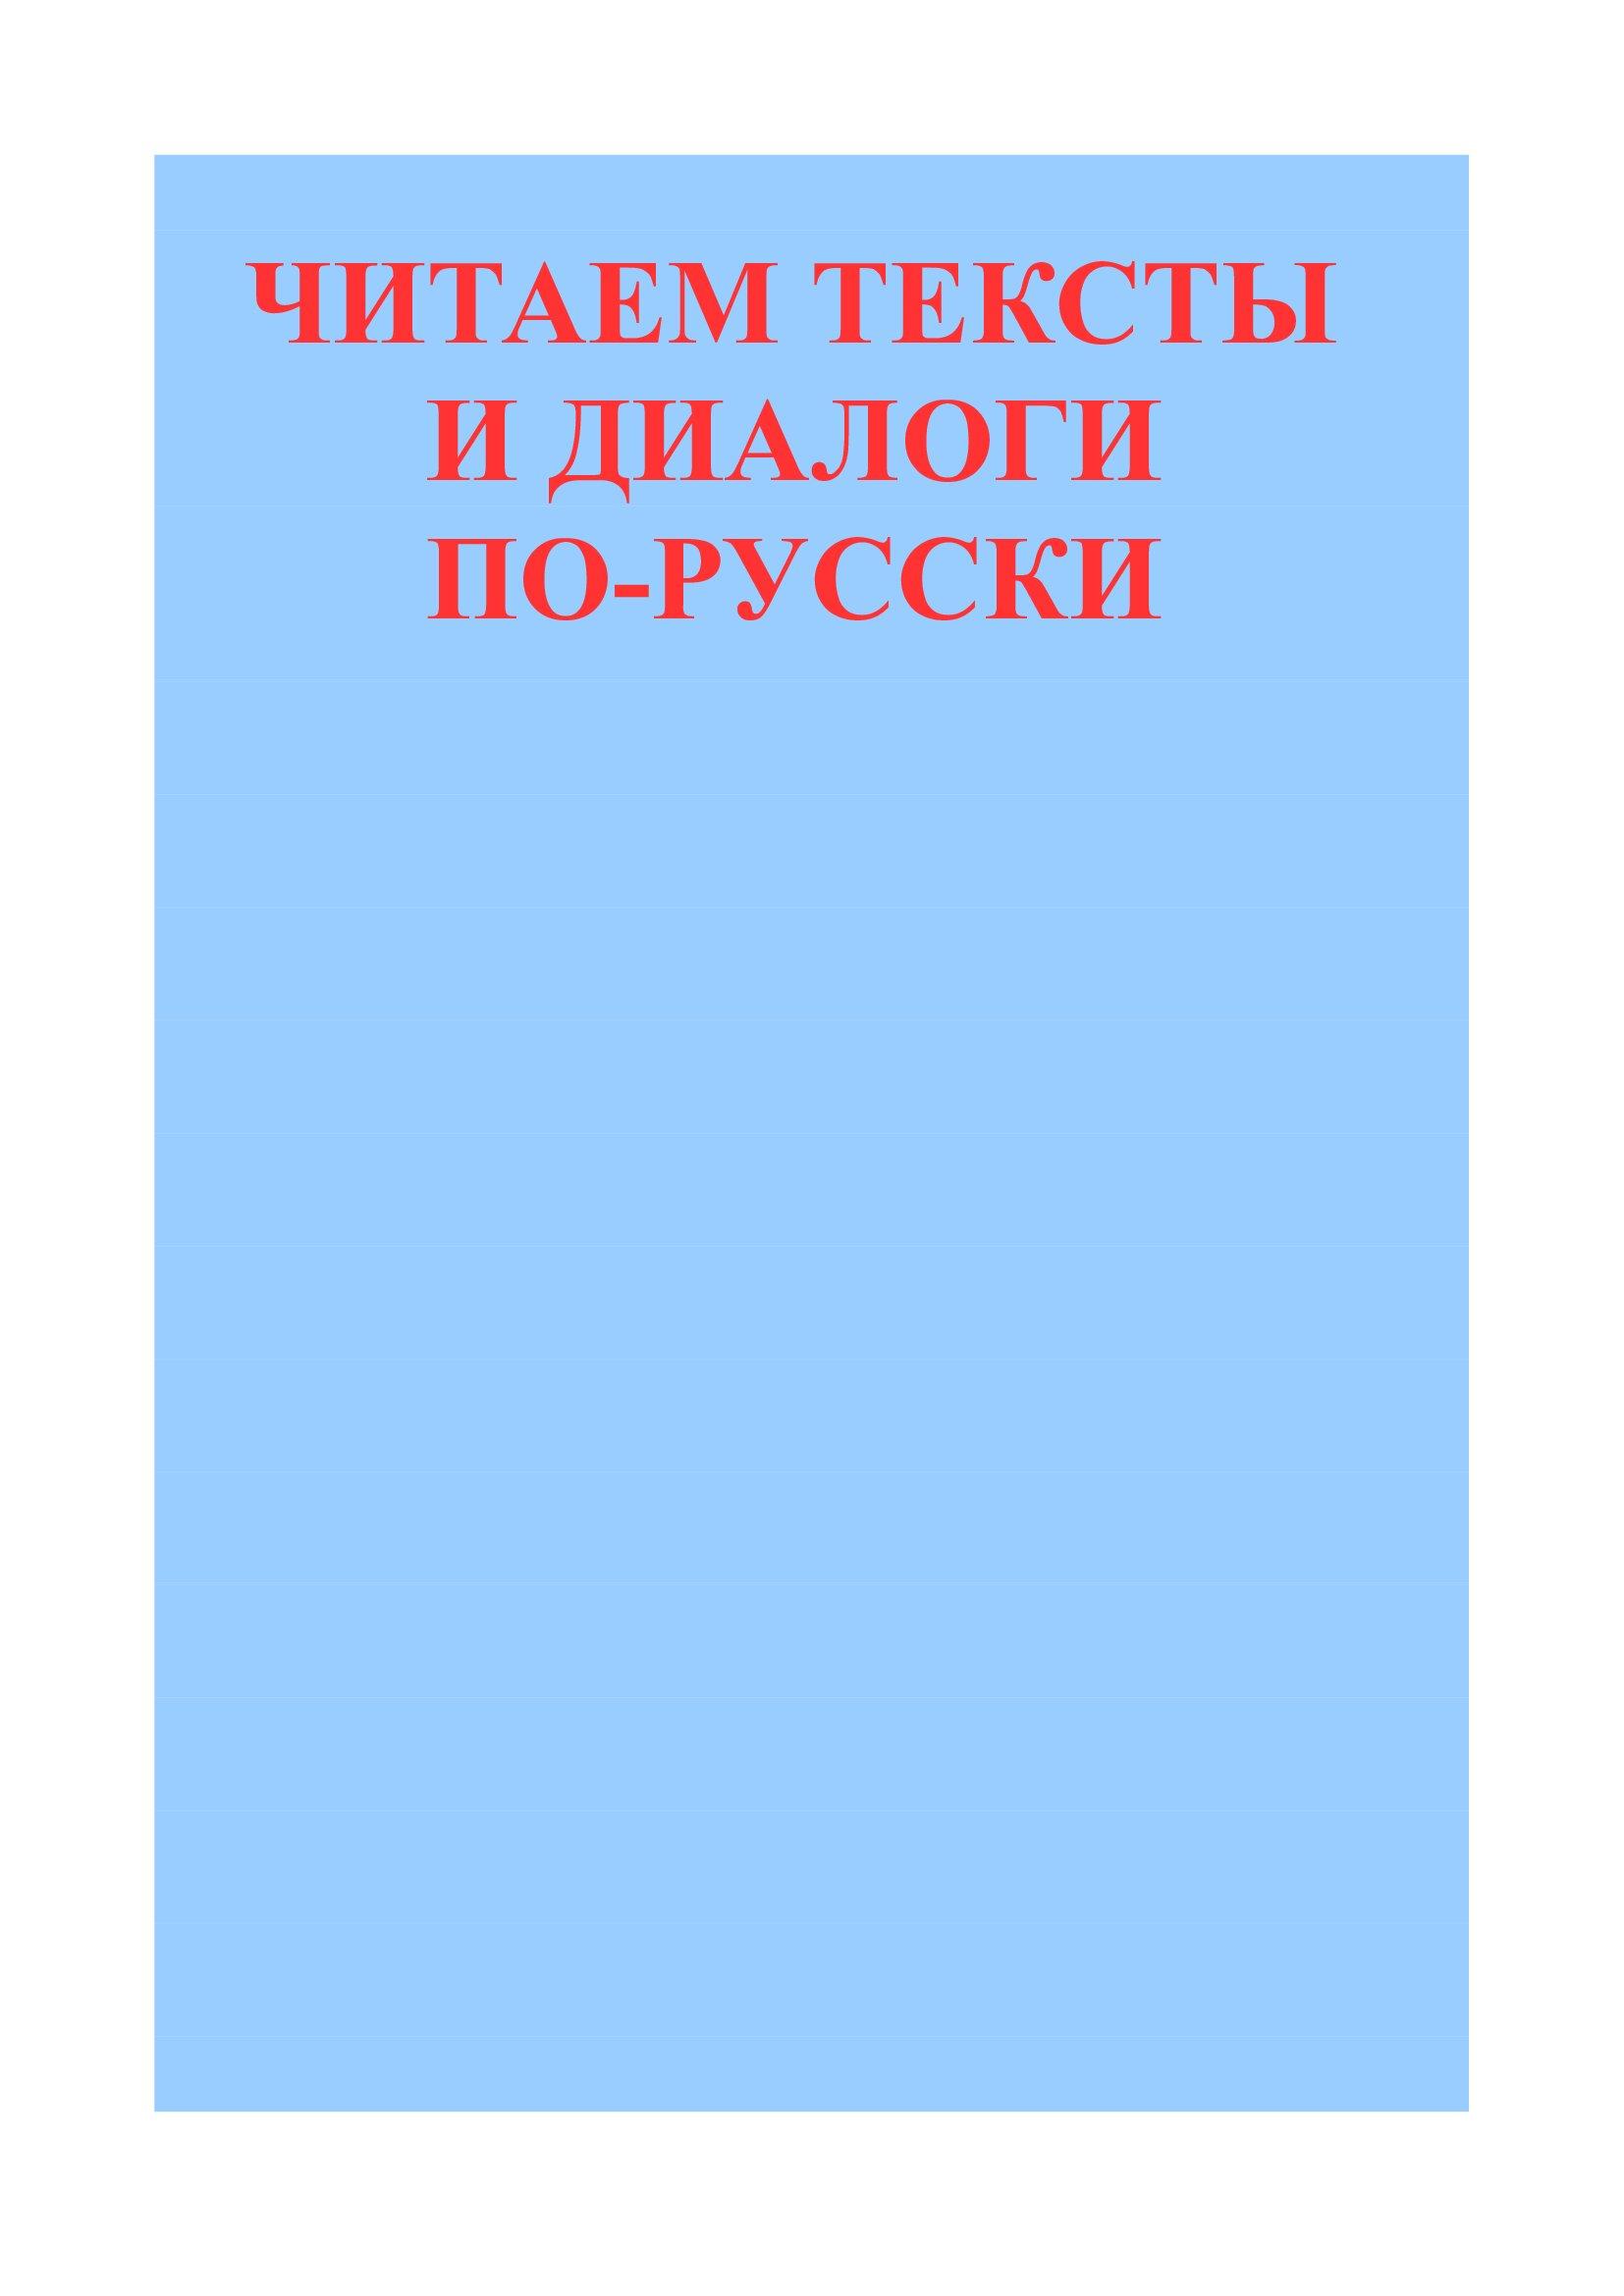 Читаем тексты и диалоги по-русски